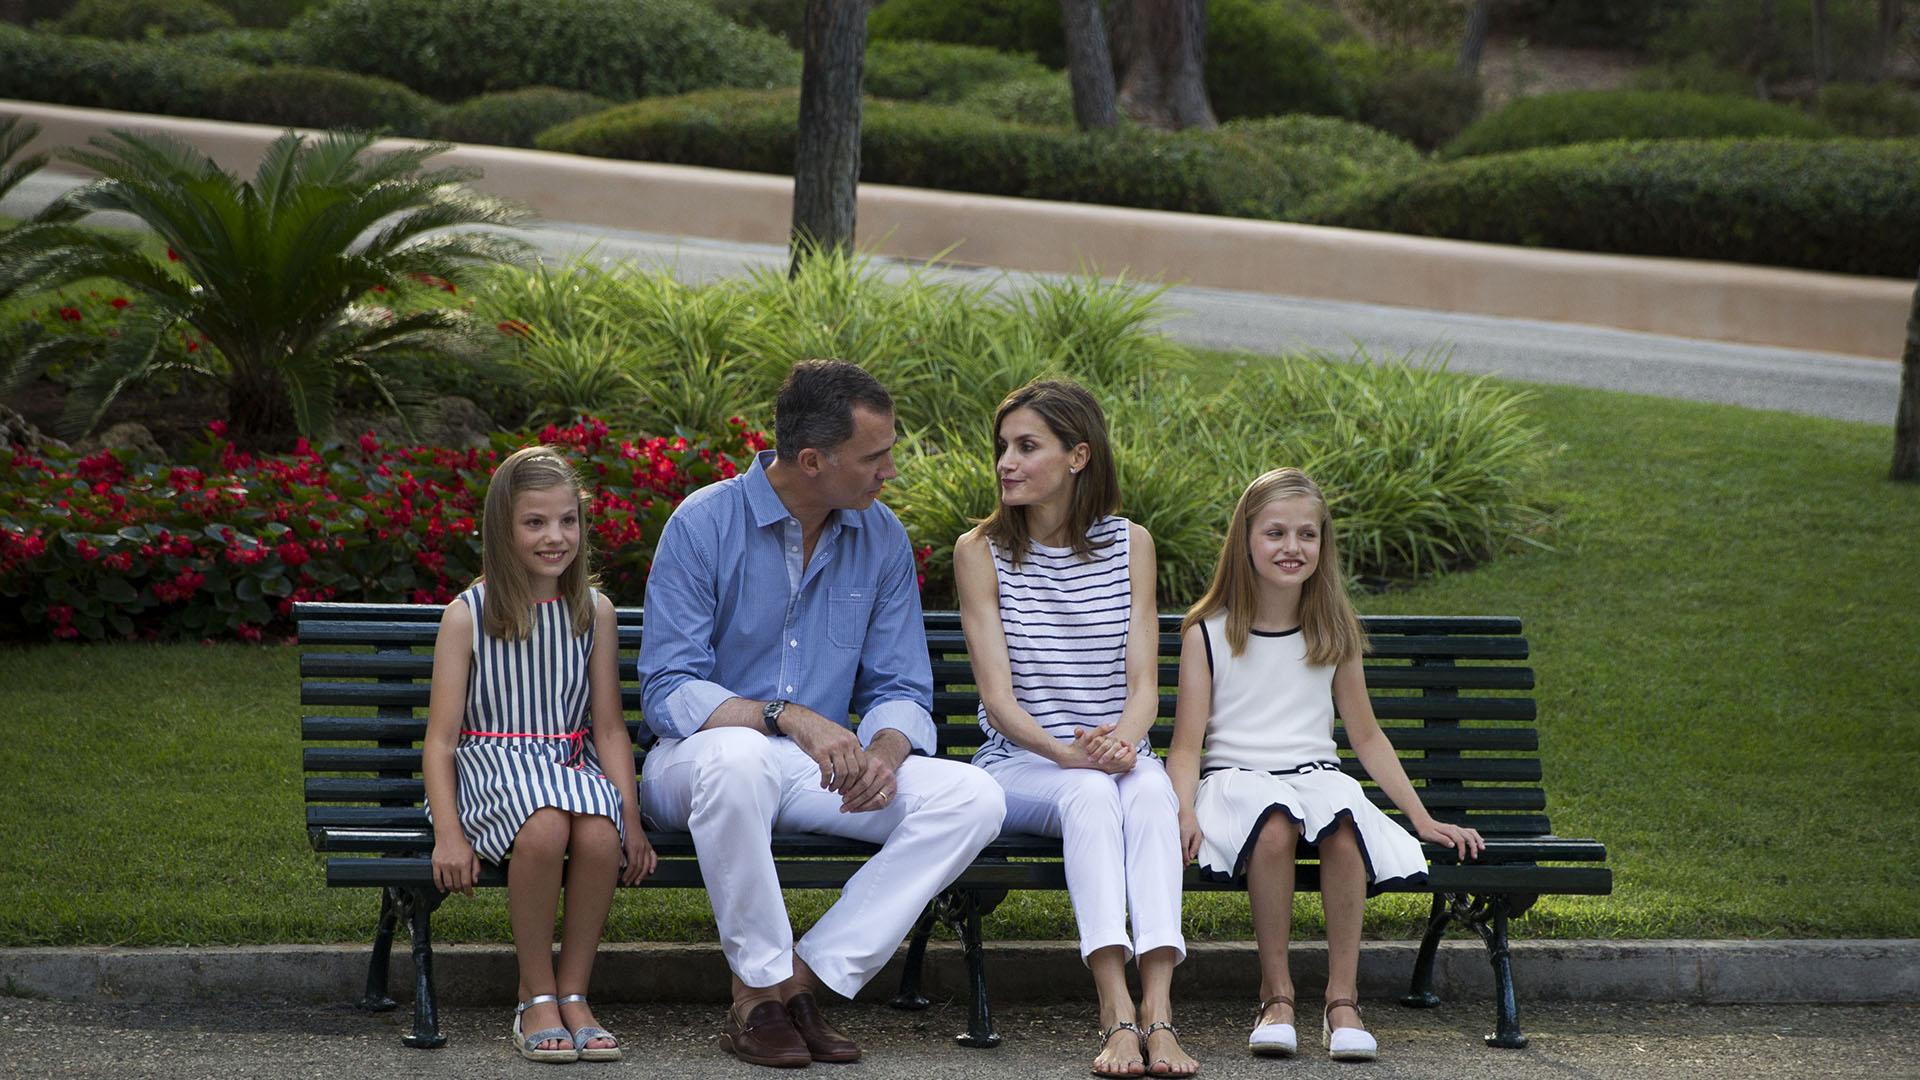 Otro viaje de vacaciones en familia. A pesar de los rumores de divorcio, en cada ocasión los reyes se muestran cercanos.